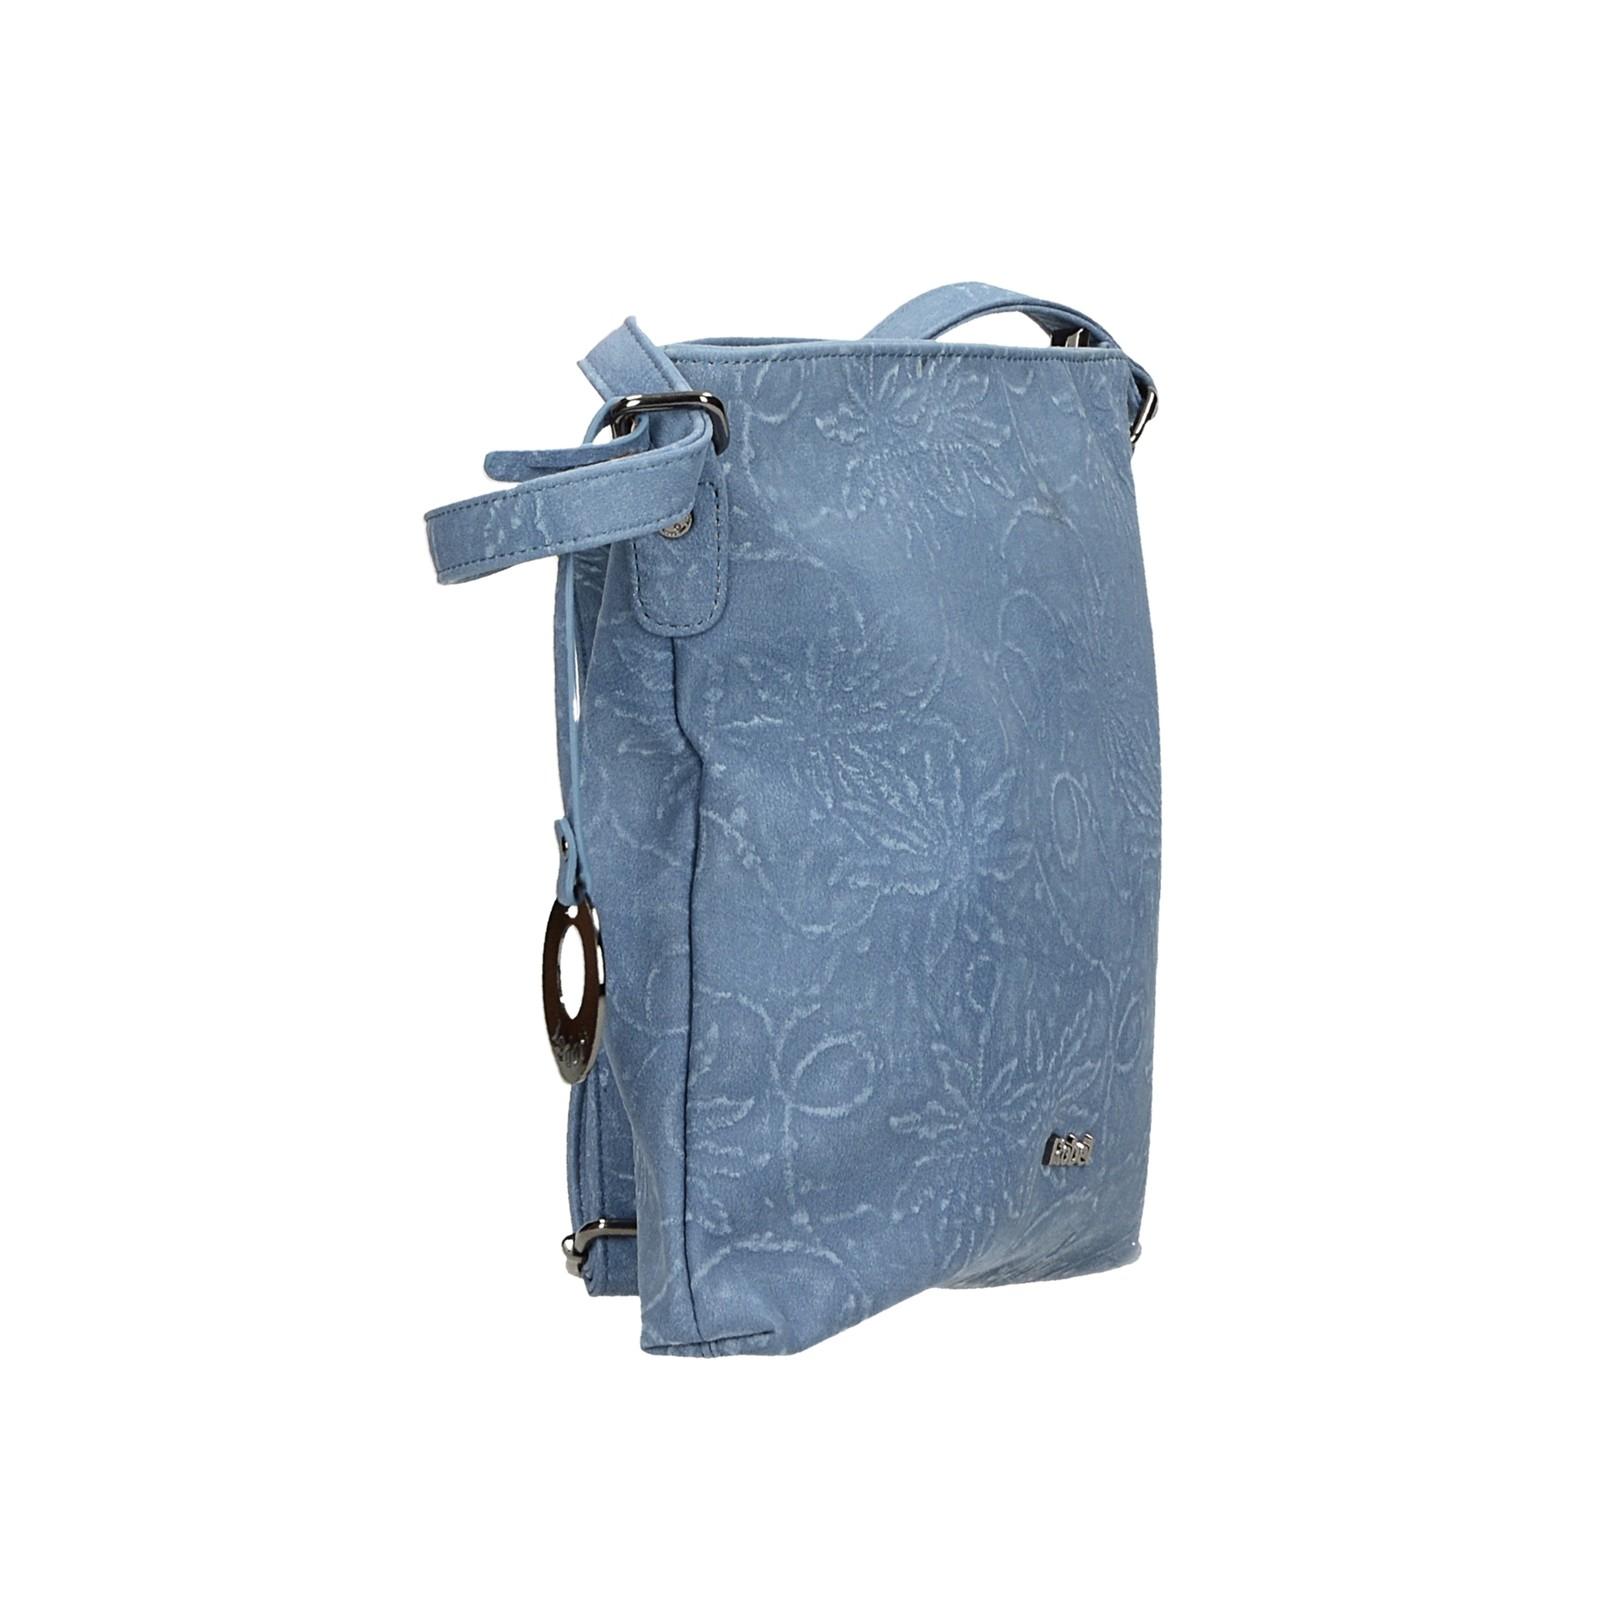 Robel dámská stylová crossbody kabelka - modrá